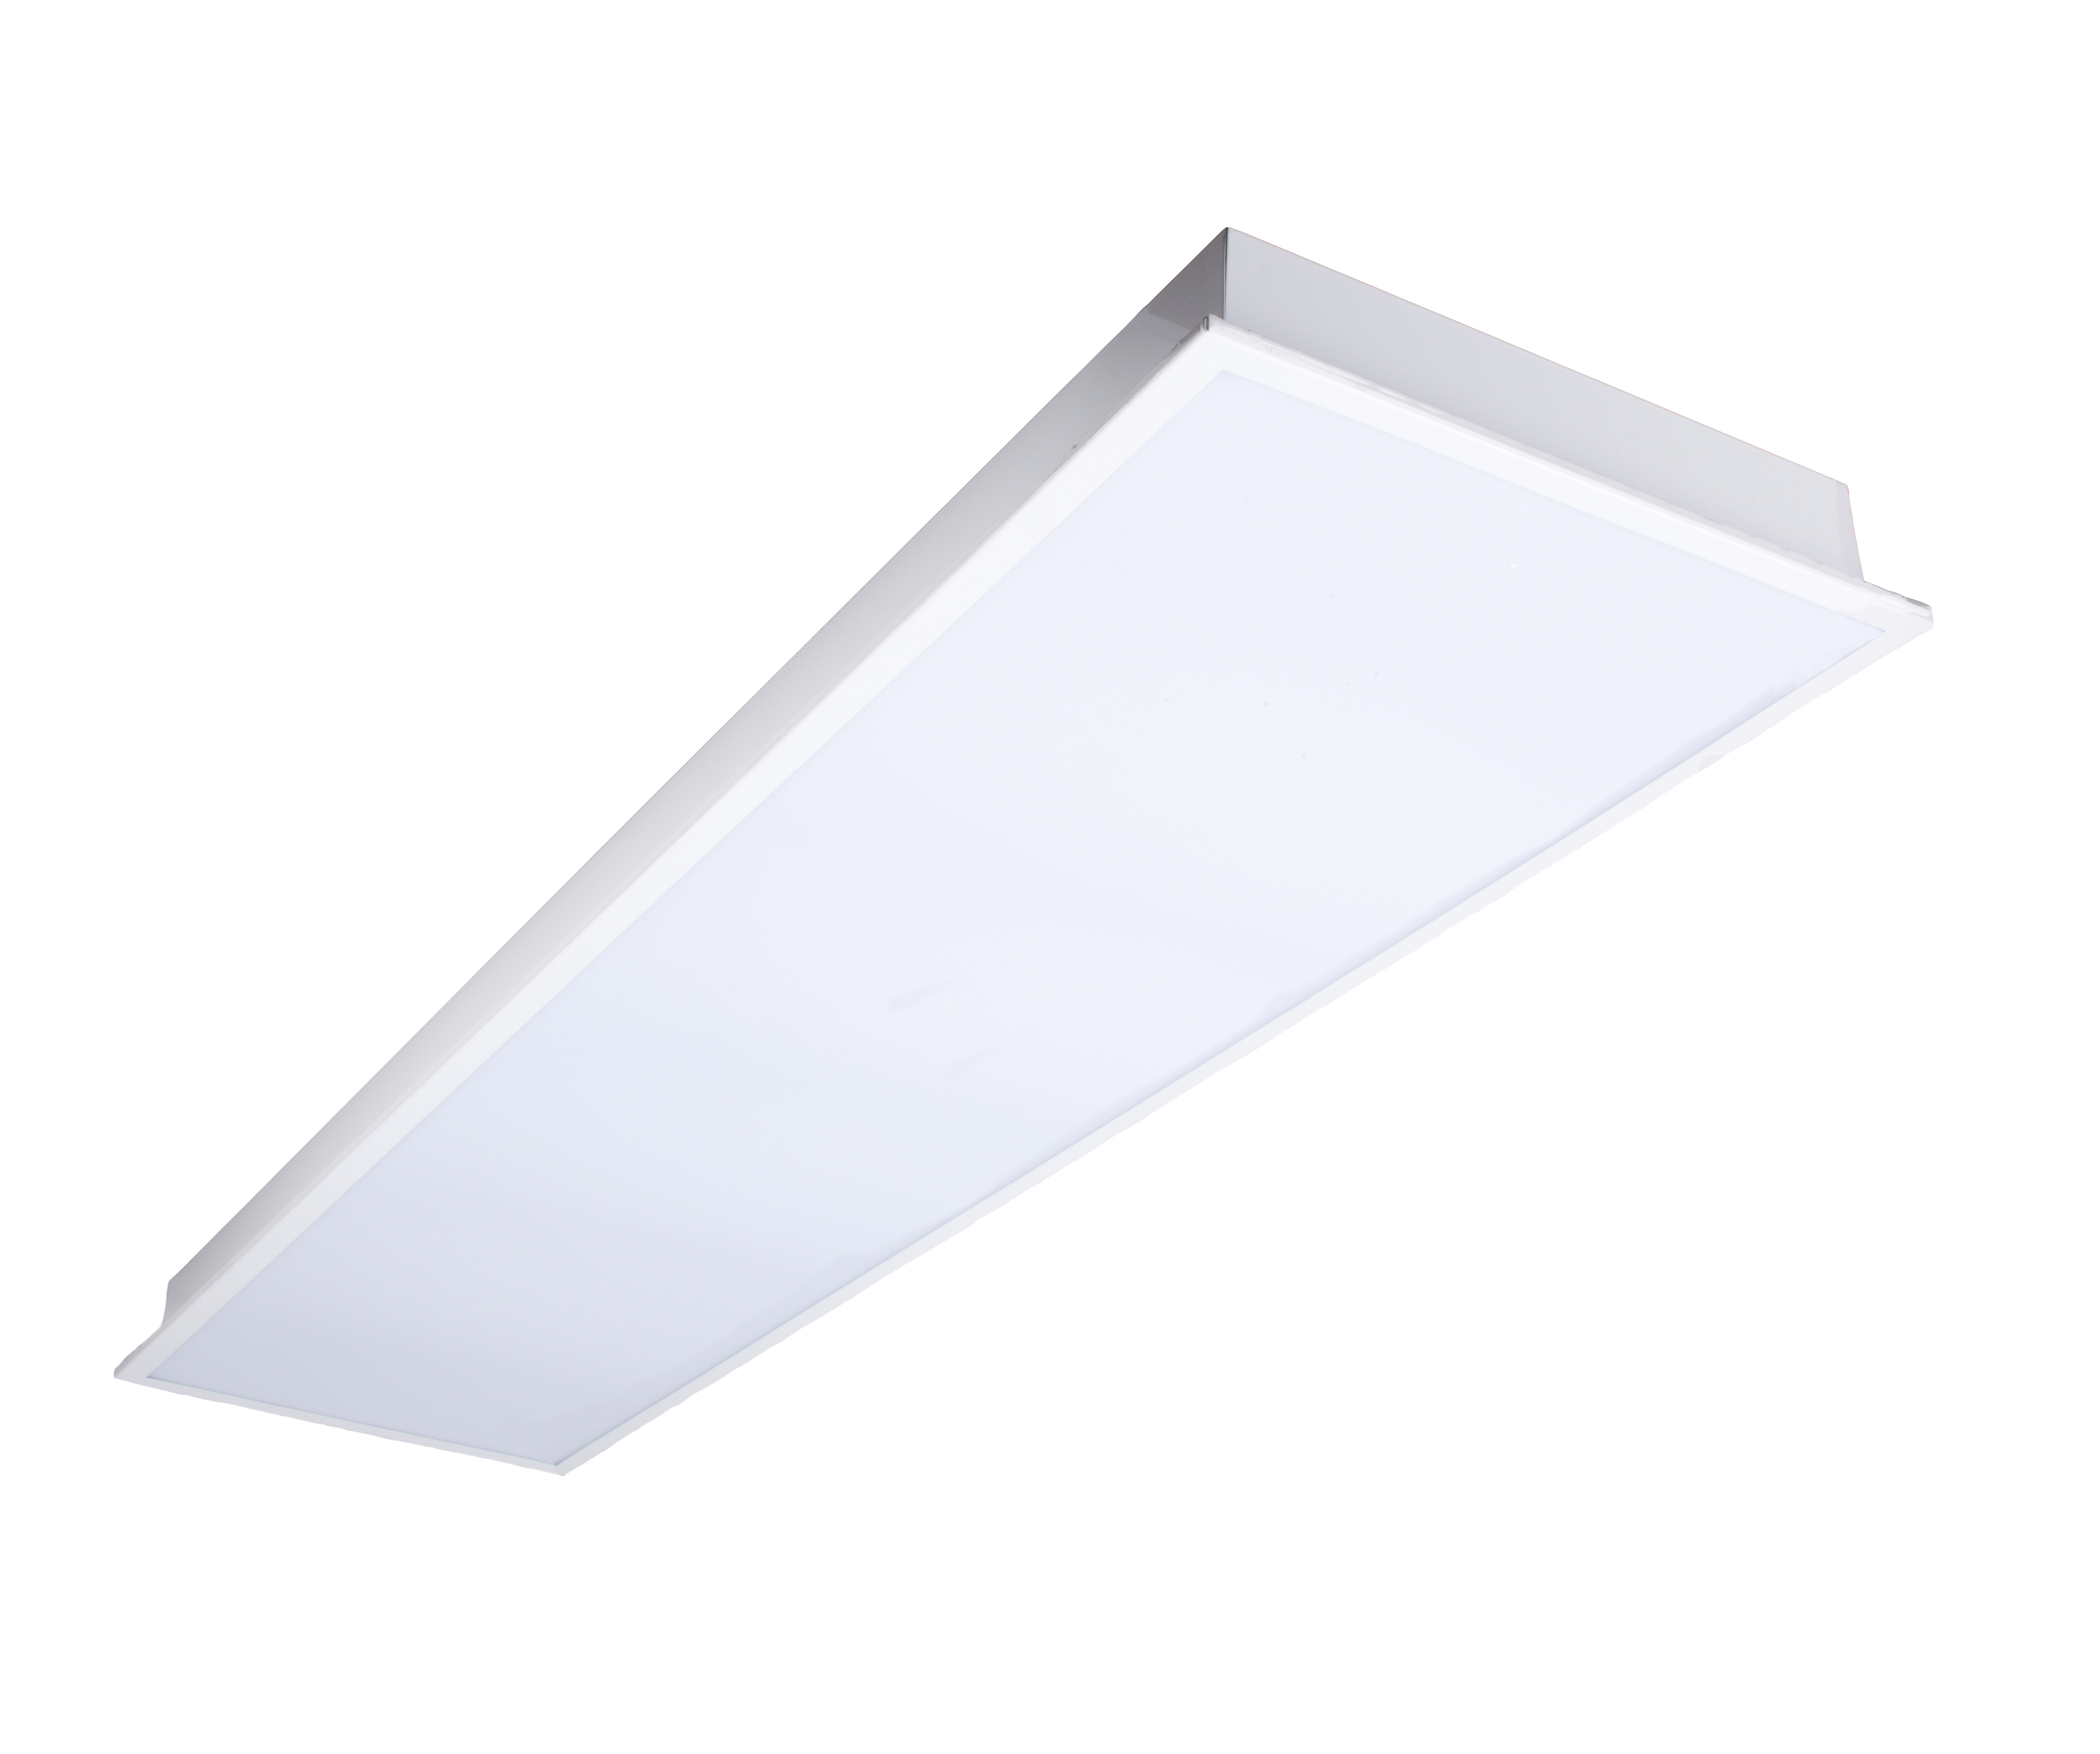 14FPL30/835/LED